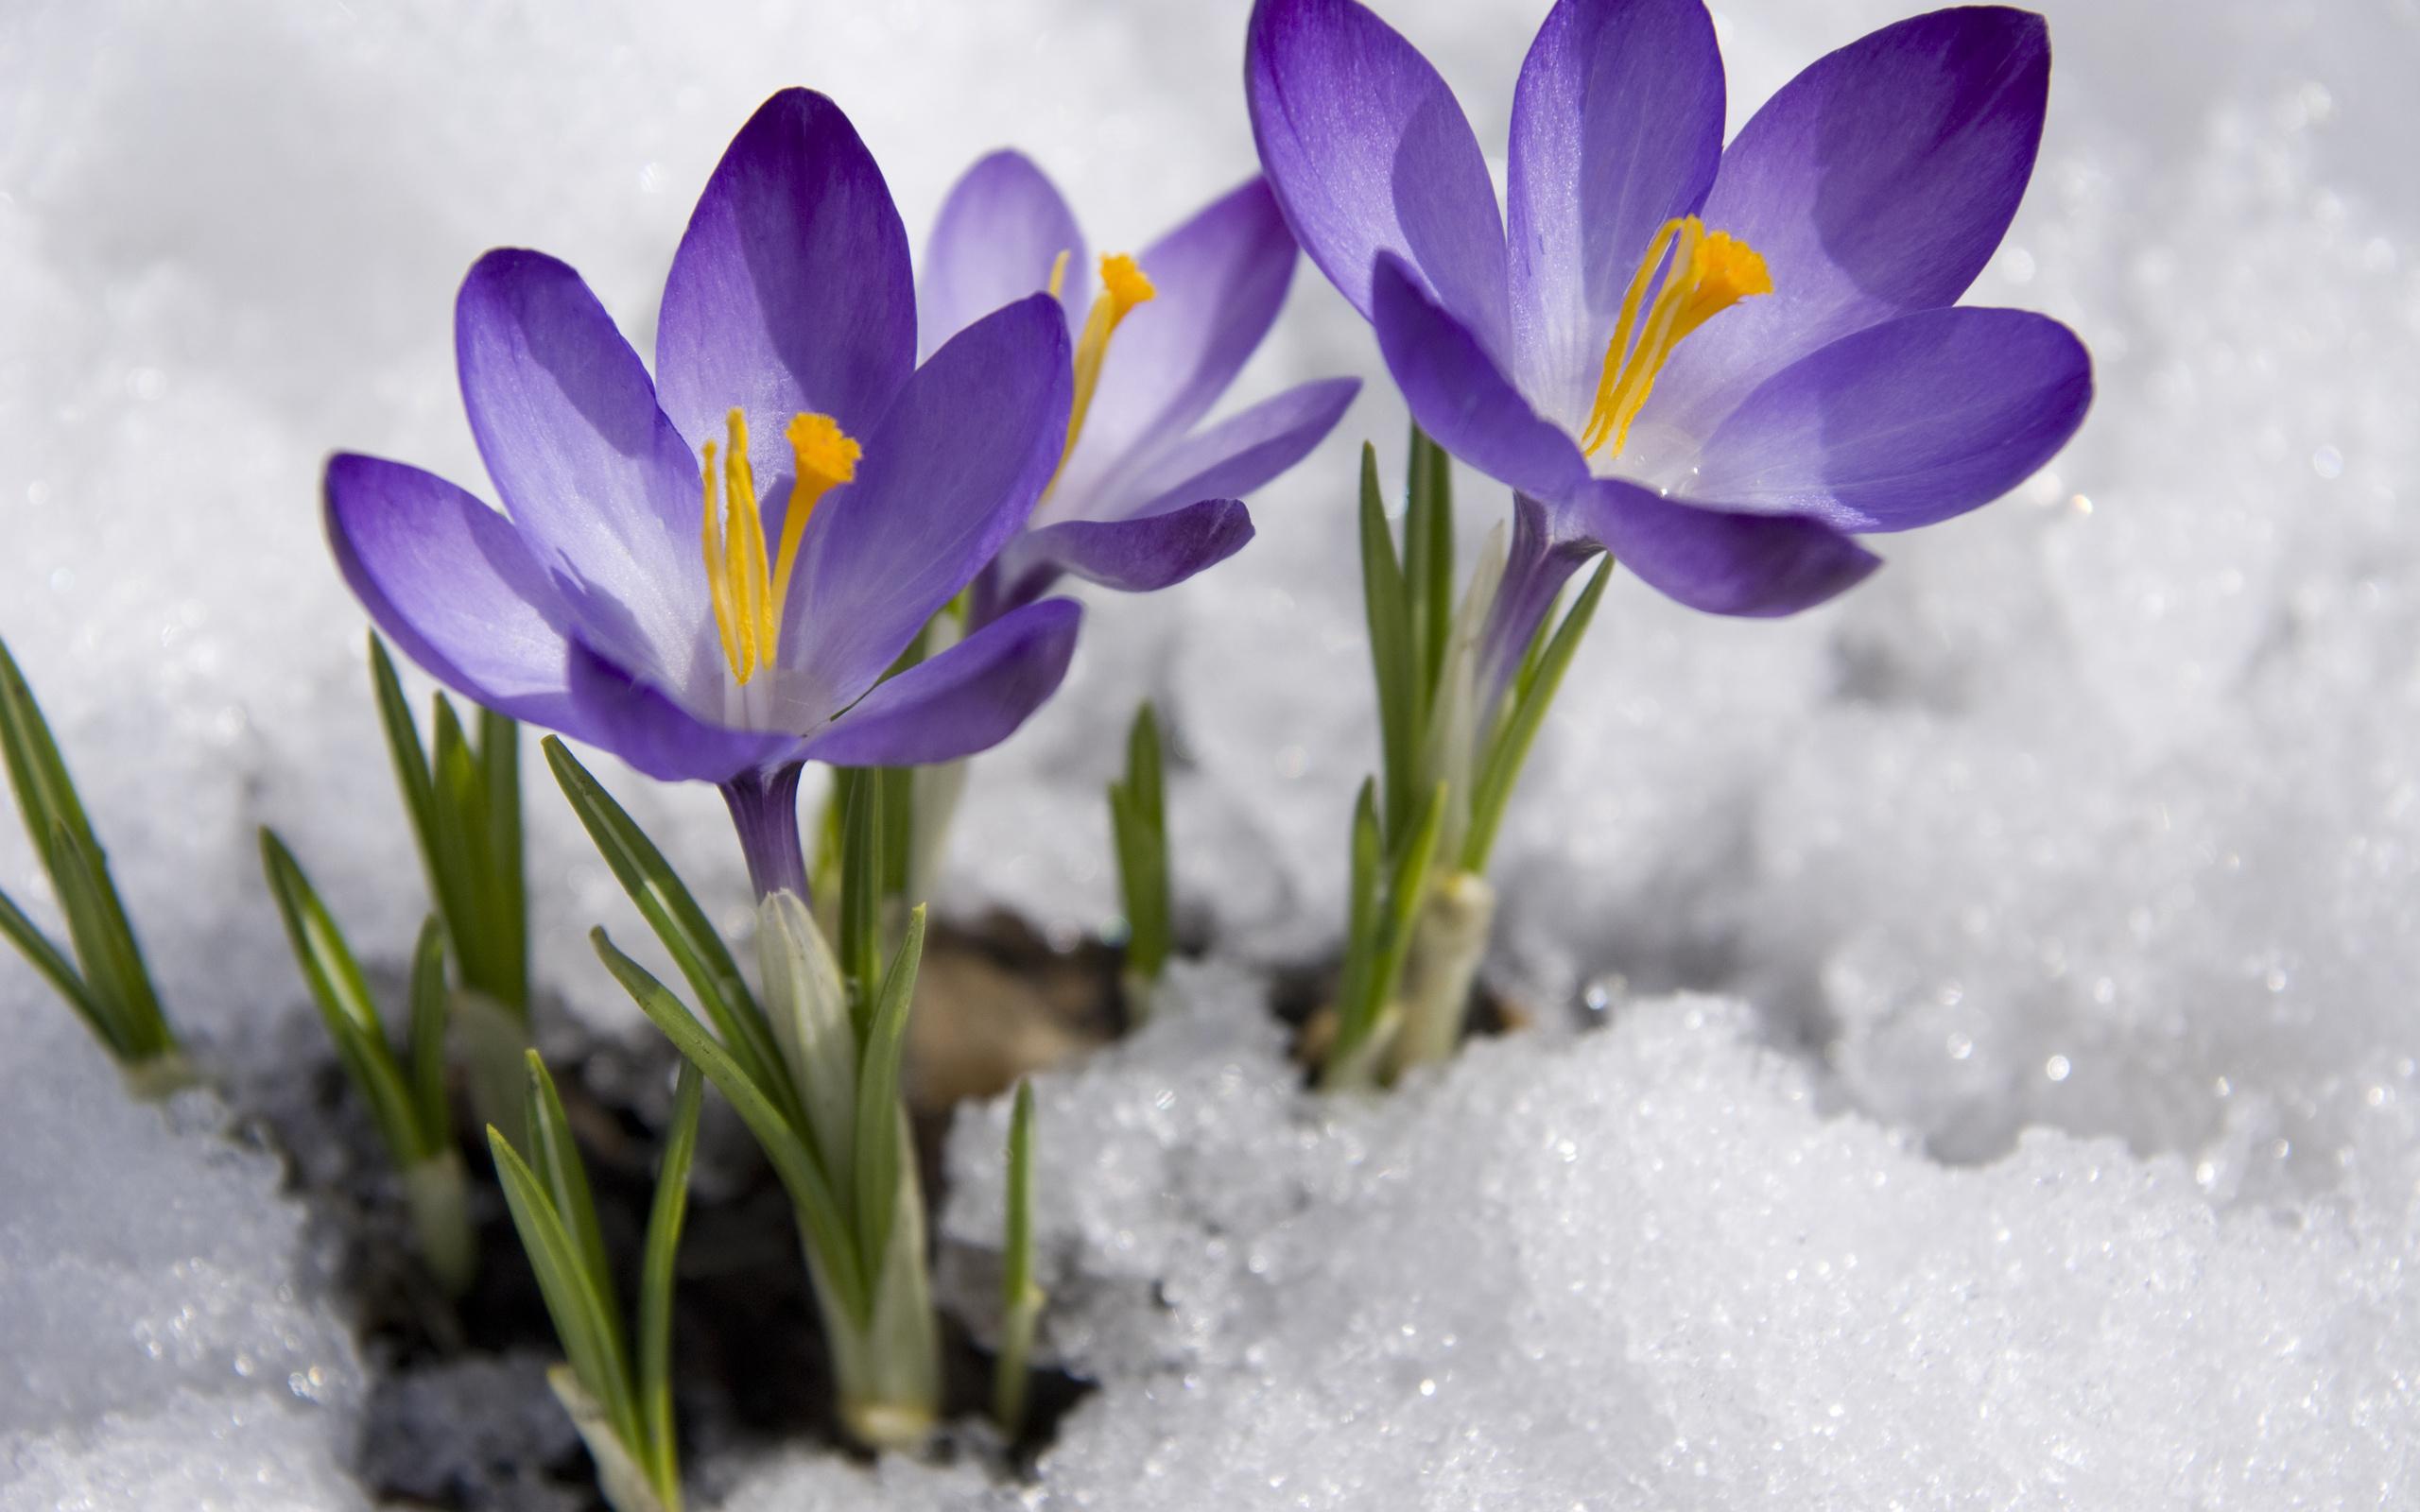 все картинка с первыми весенними цветами посещения